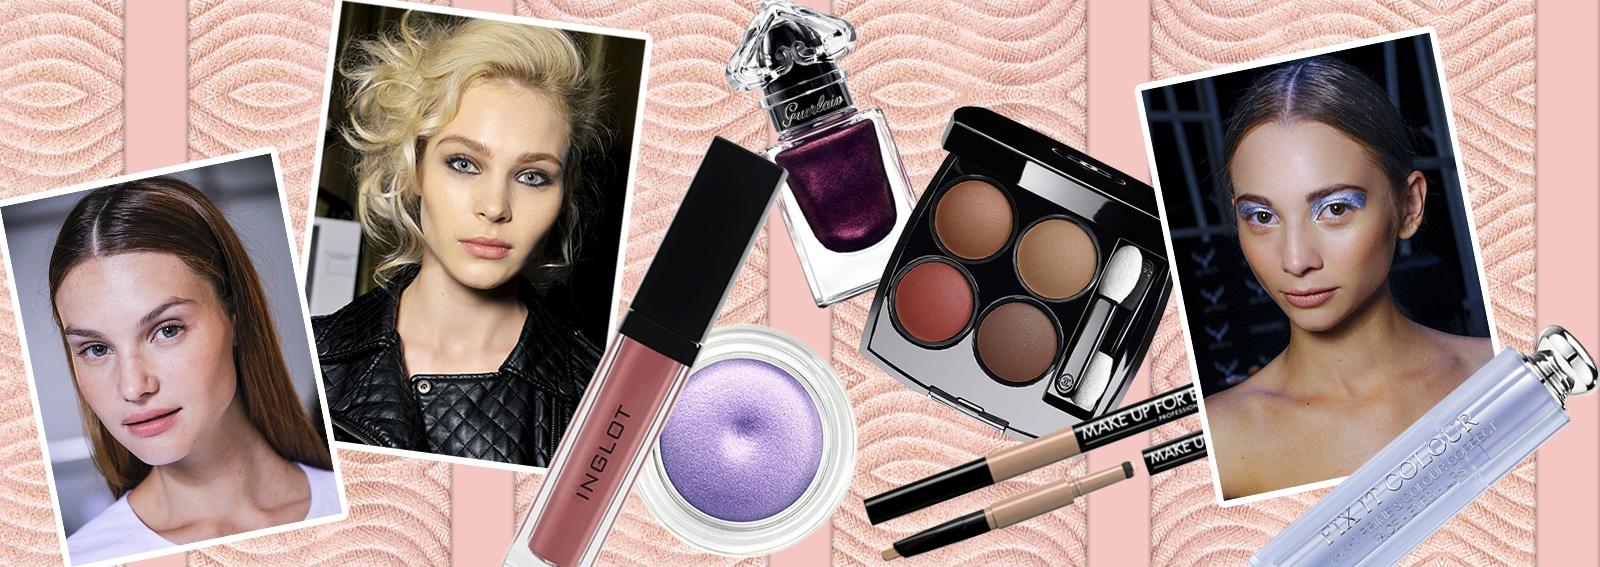 i 10 trend beauty più importanti del 2016 collage_desktop